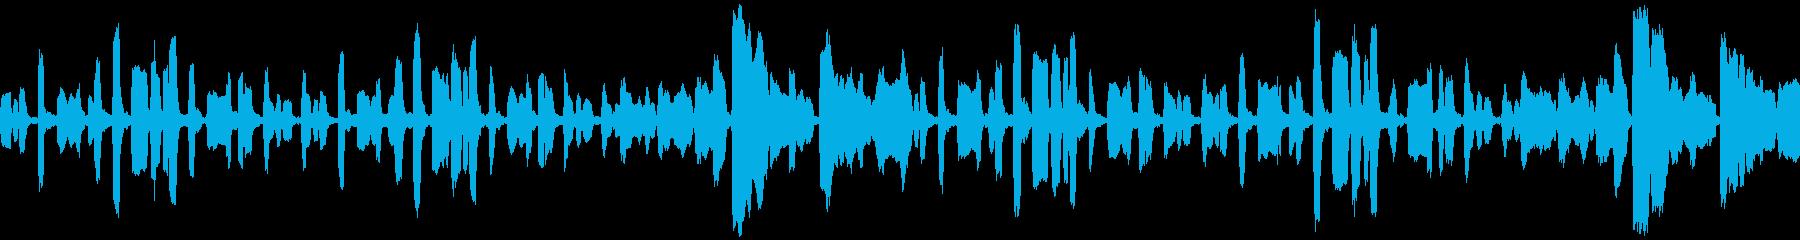 リコーダーのちょっぴり切ない曲_ループの再生済みの波形